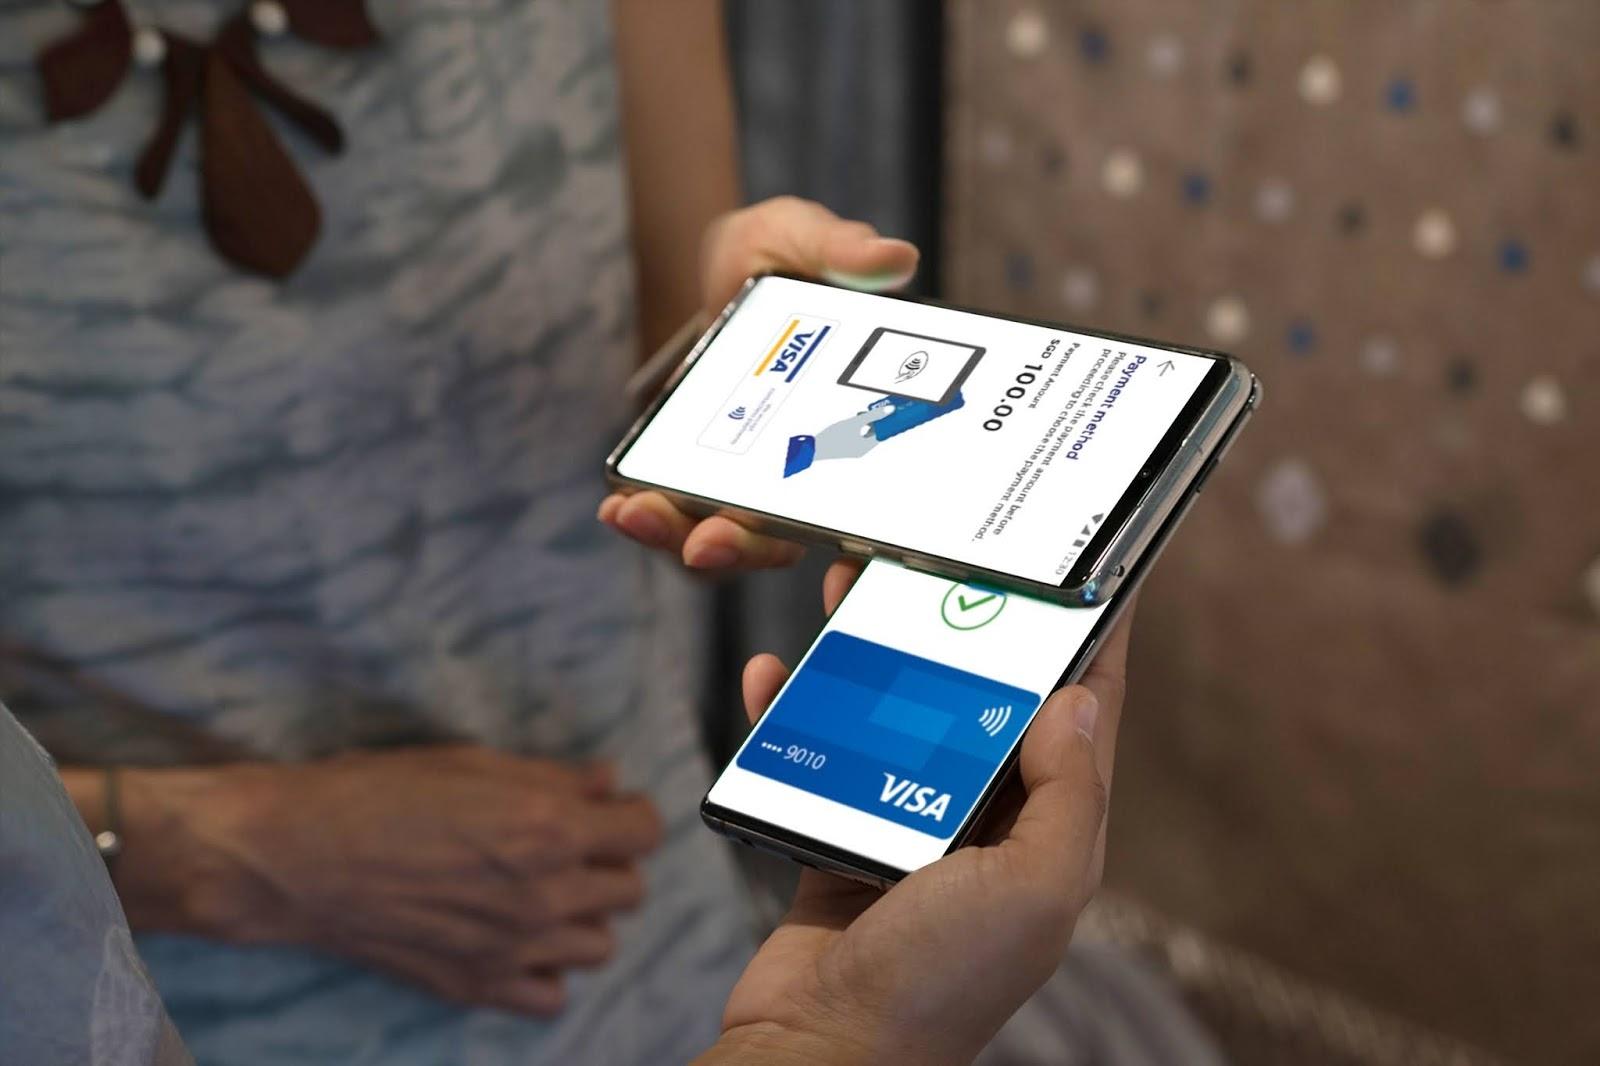 ผลการศึกษาของ VISA เผยวิธีการชำระเงินคอนแทคเลสใหม่ล่าสุด ด้วยการ Touch to Pay ผ่านสมาร์ทโฟน ใน Asia-Pacific